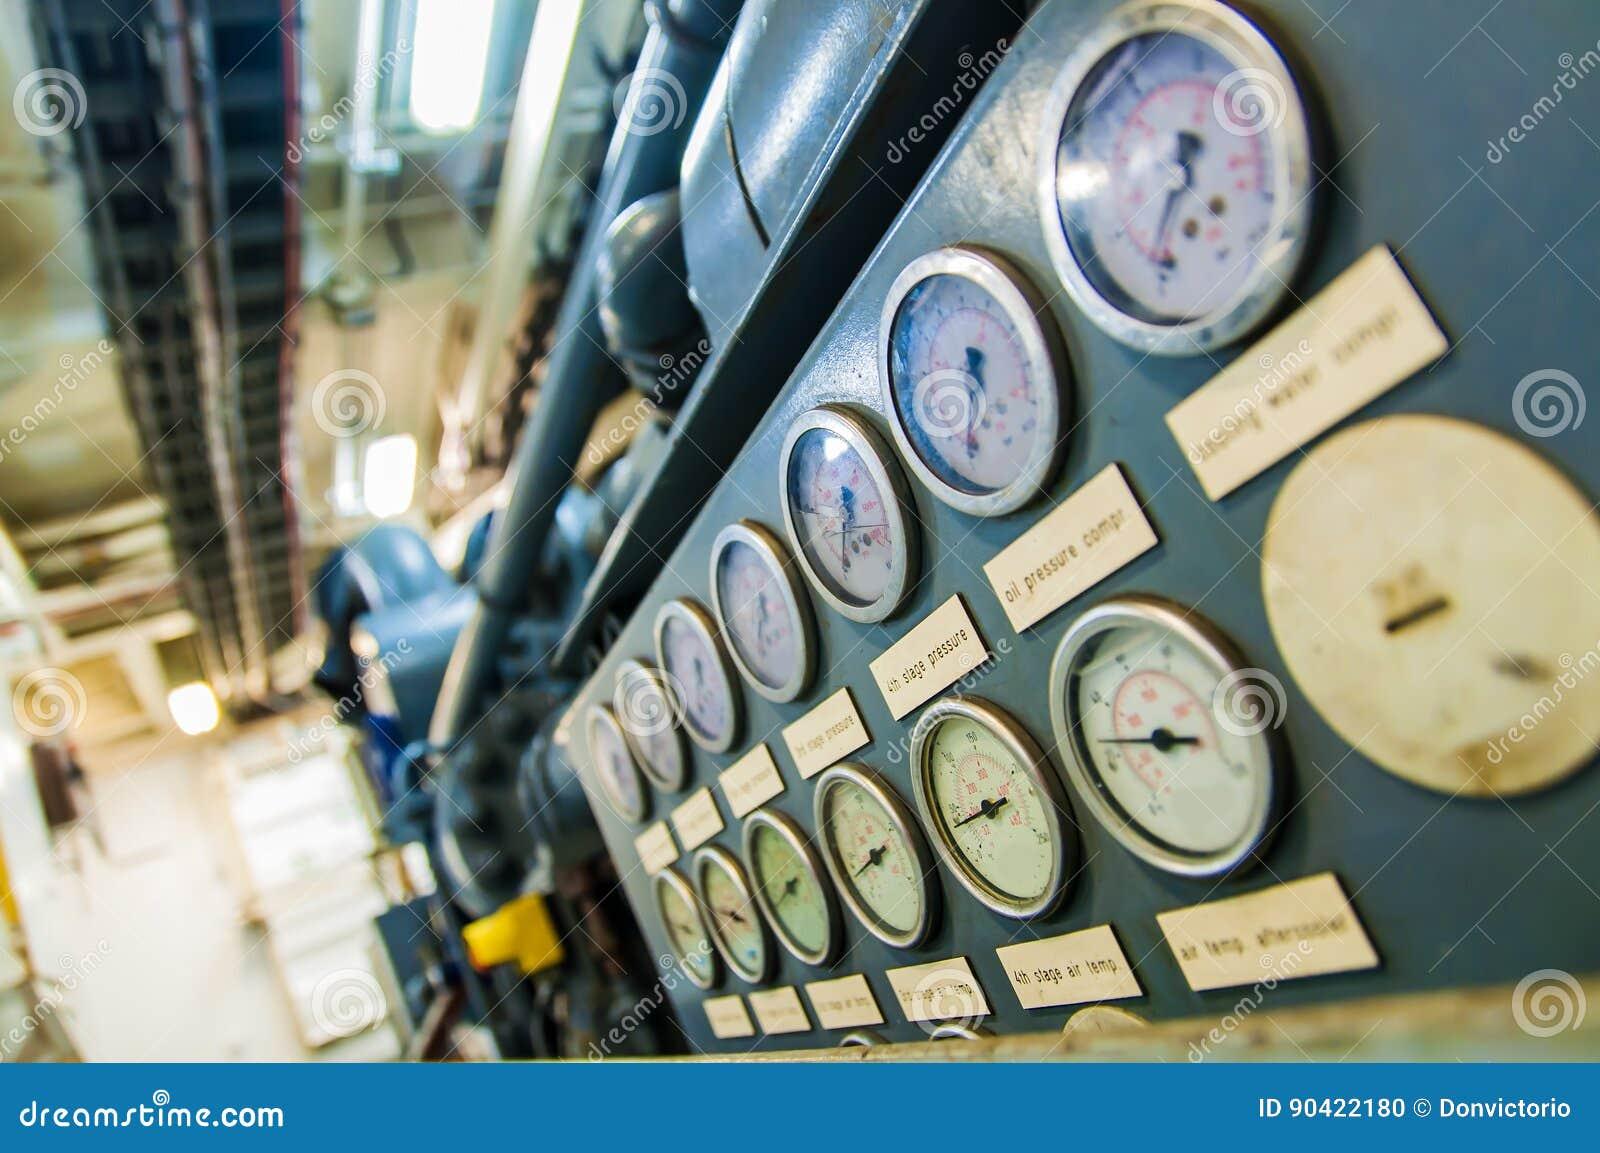 Industrial Pressure Gages